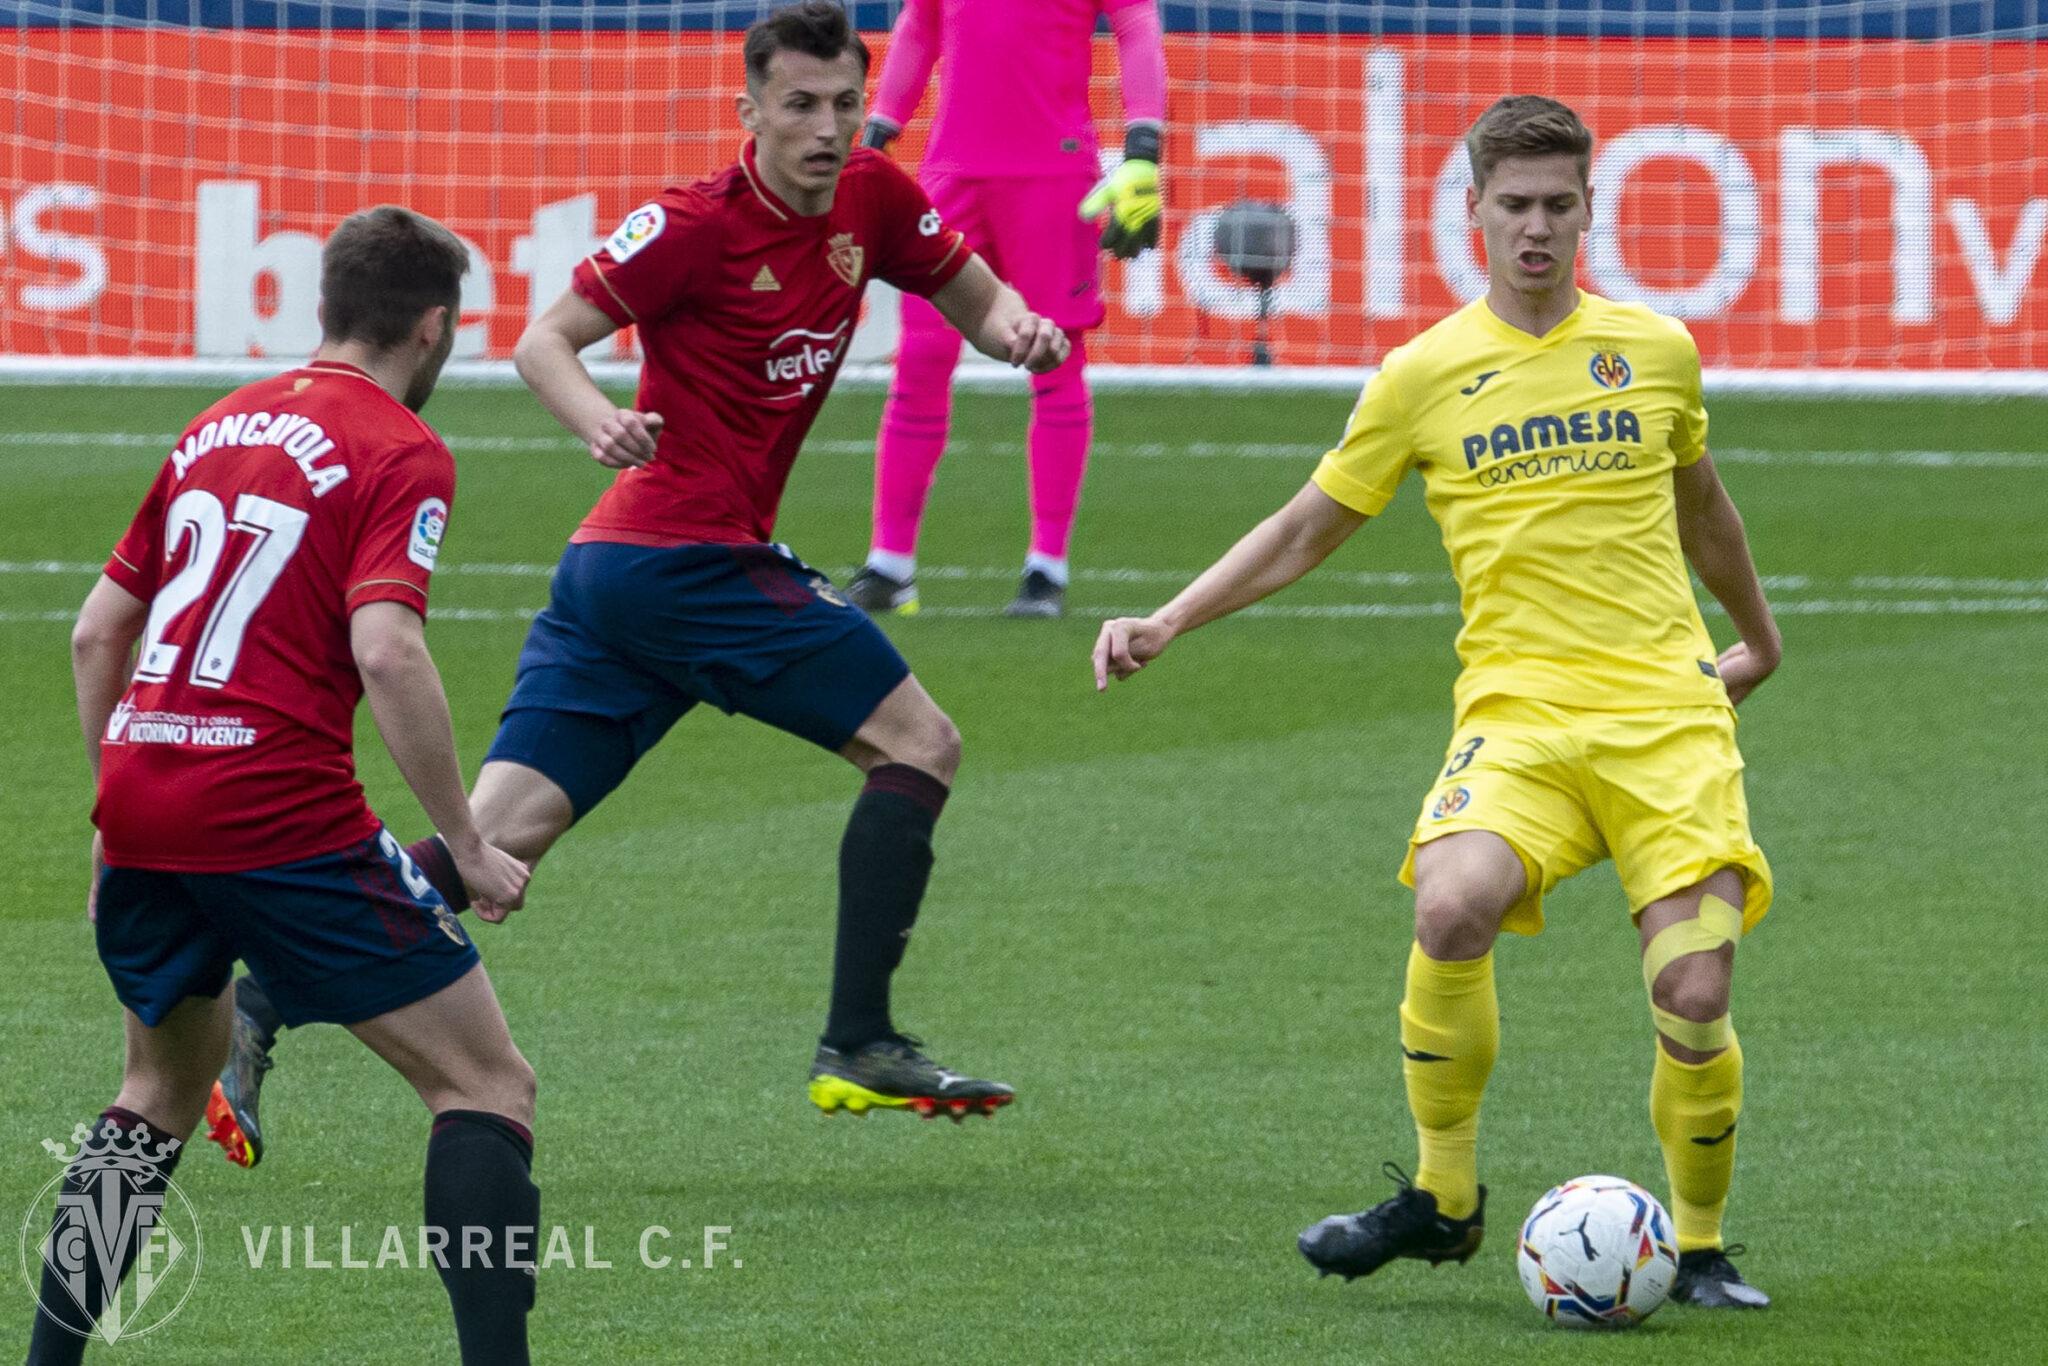 El Villarreal de las rotaciones mereció más ante Osasuna